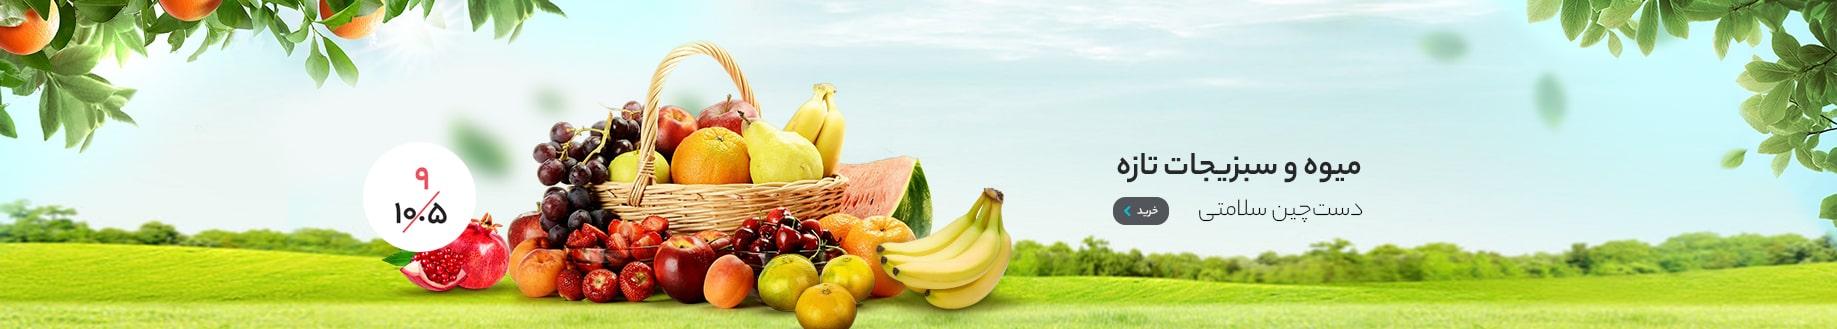 فروشگاه میوه و سبزیجات